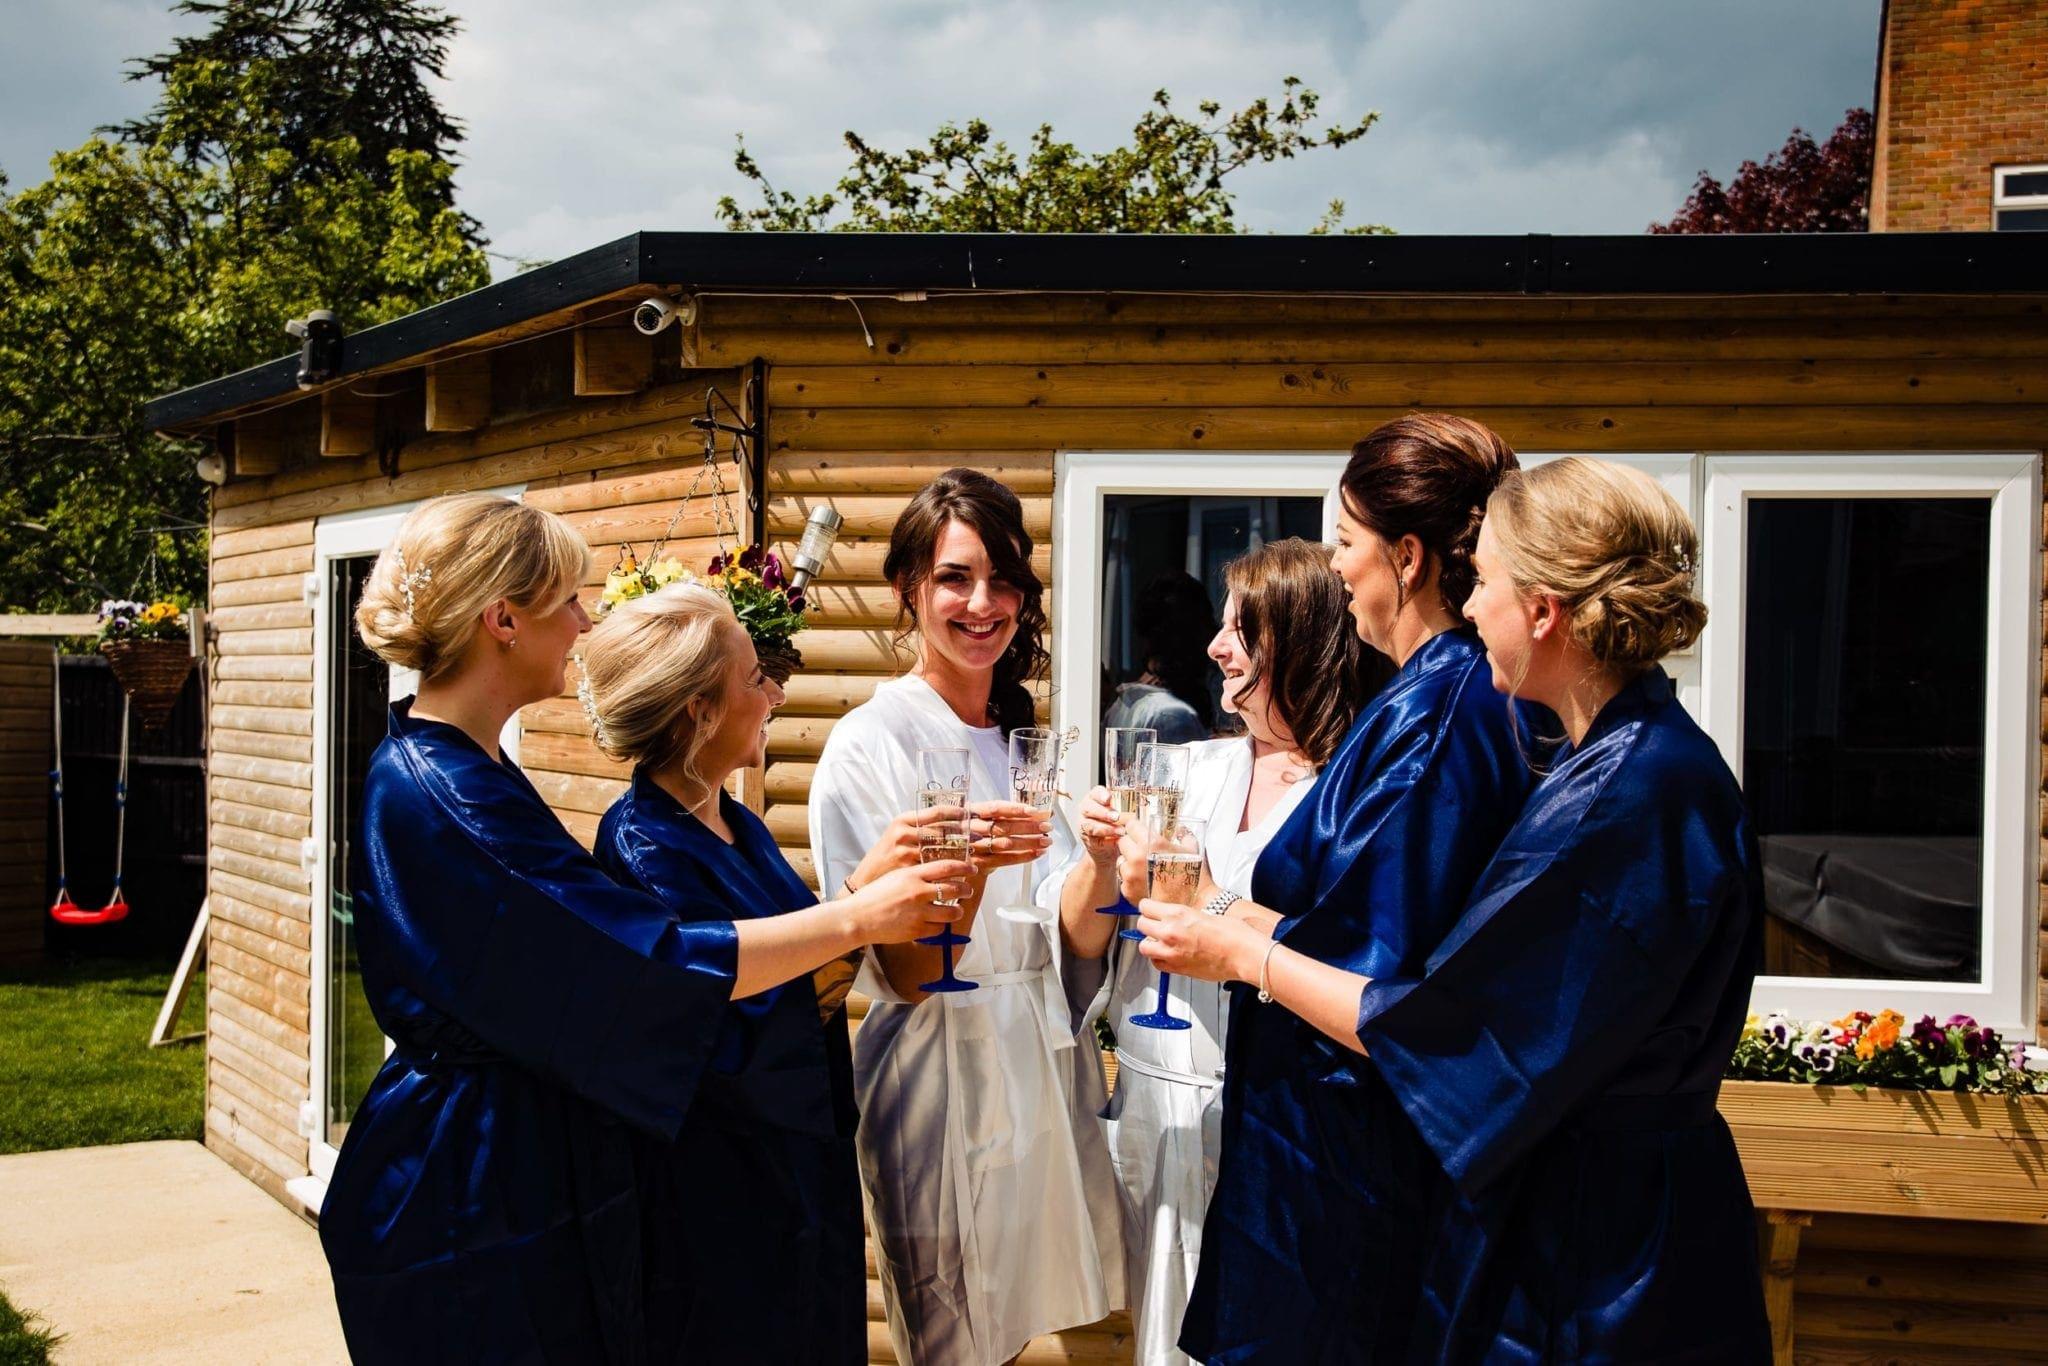 essex bride and bridesmaids